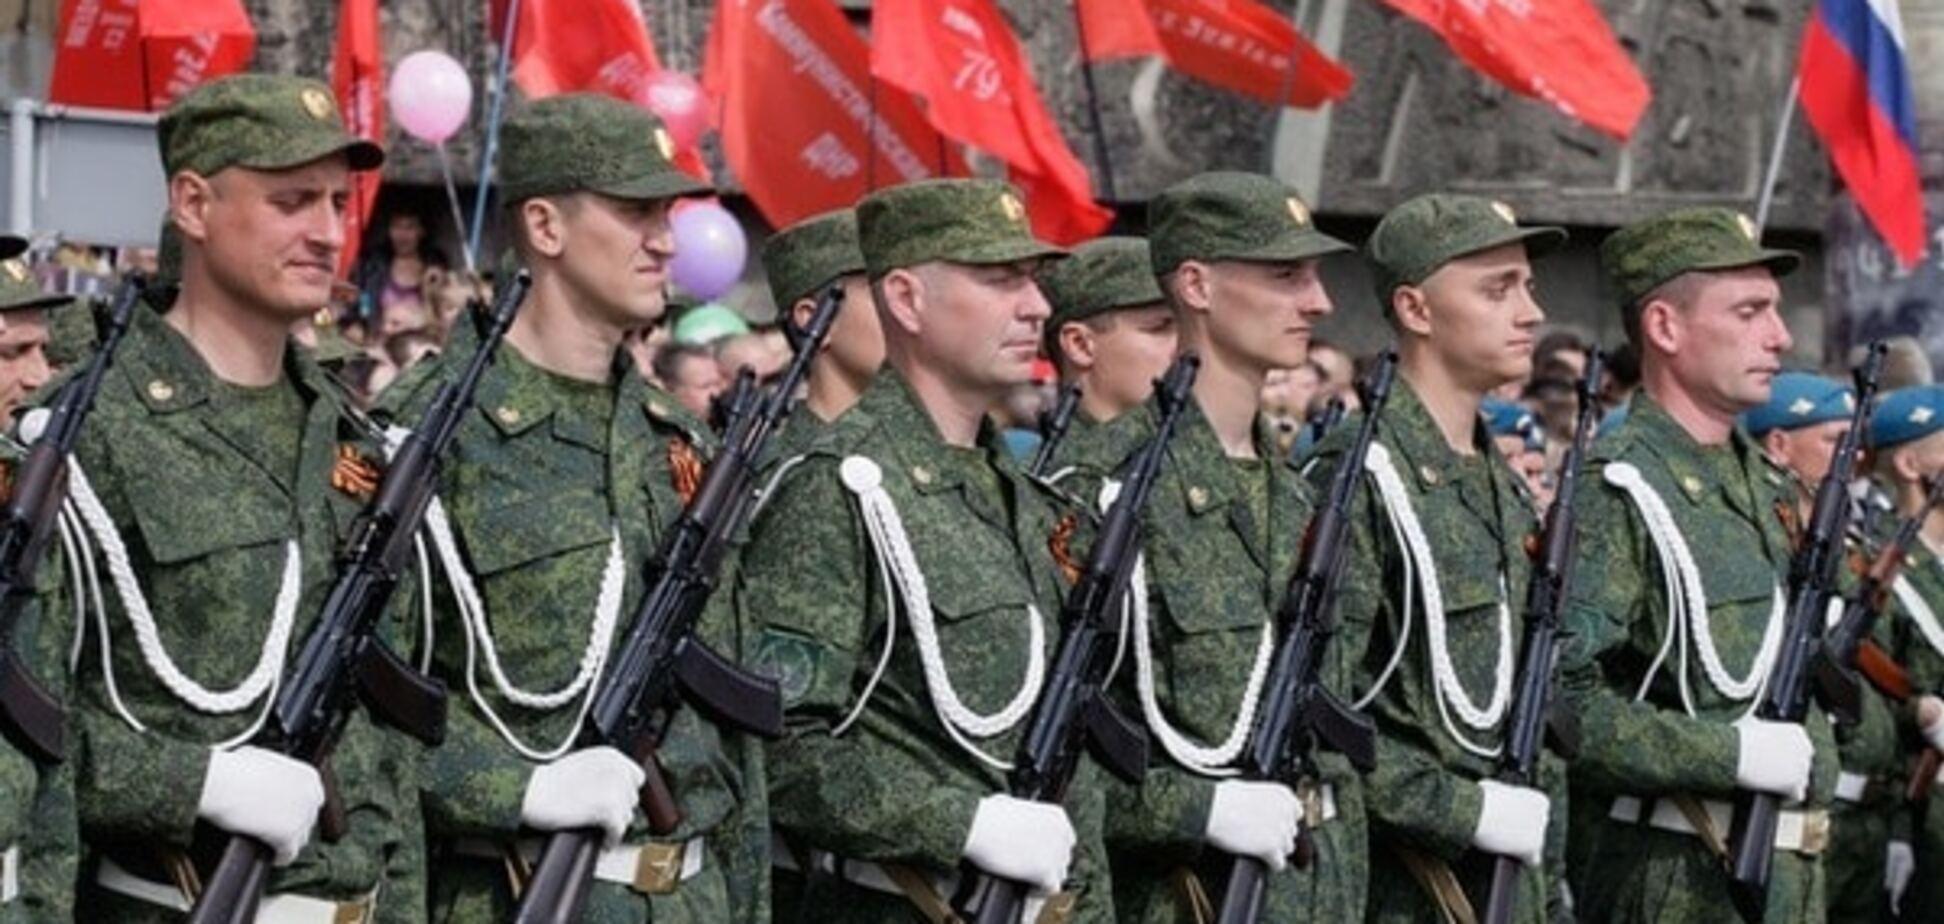 Російське командування на закритій нараді в Луганську обговорило 'розширення' 'ЛДНР' - волонтер